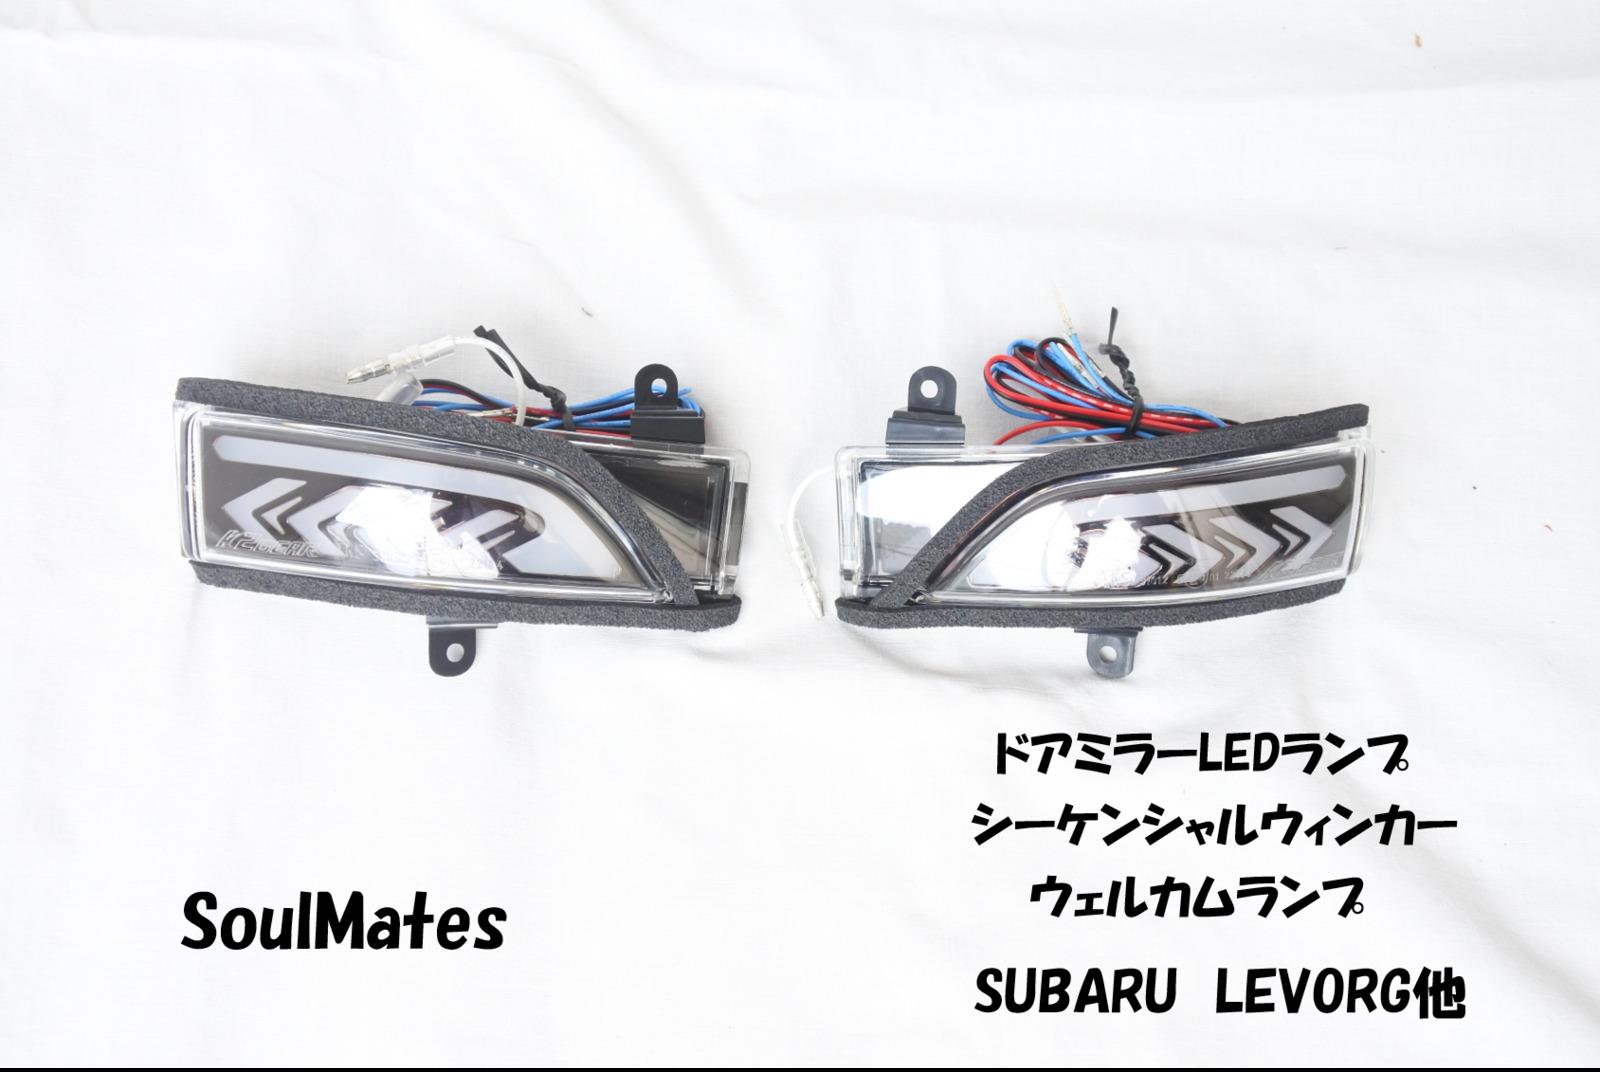 メーカー名 SoulMates商品番号 SM-014ドアミラーLEDランプ SUBARU LEVORG他用 ブラック シーケンシャルウィンカー機能、DRL機能、ウェルカムランプ機能付き【1年保証】